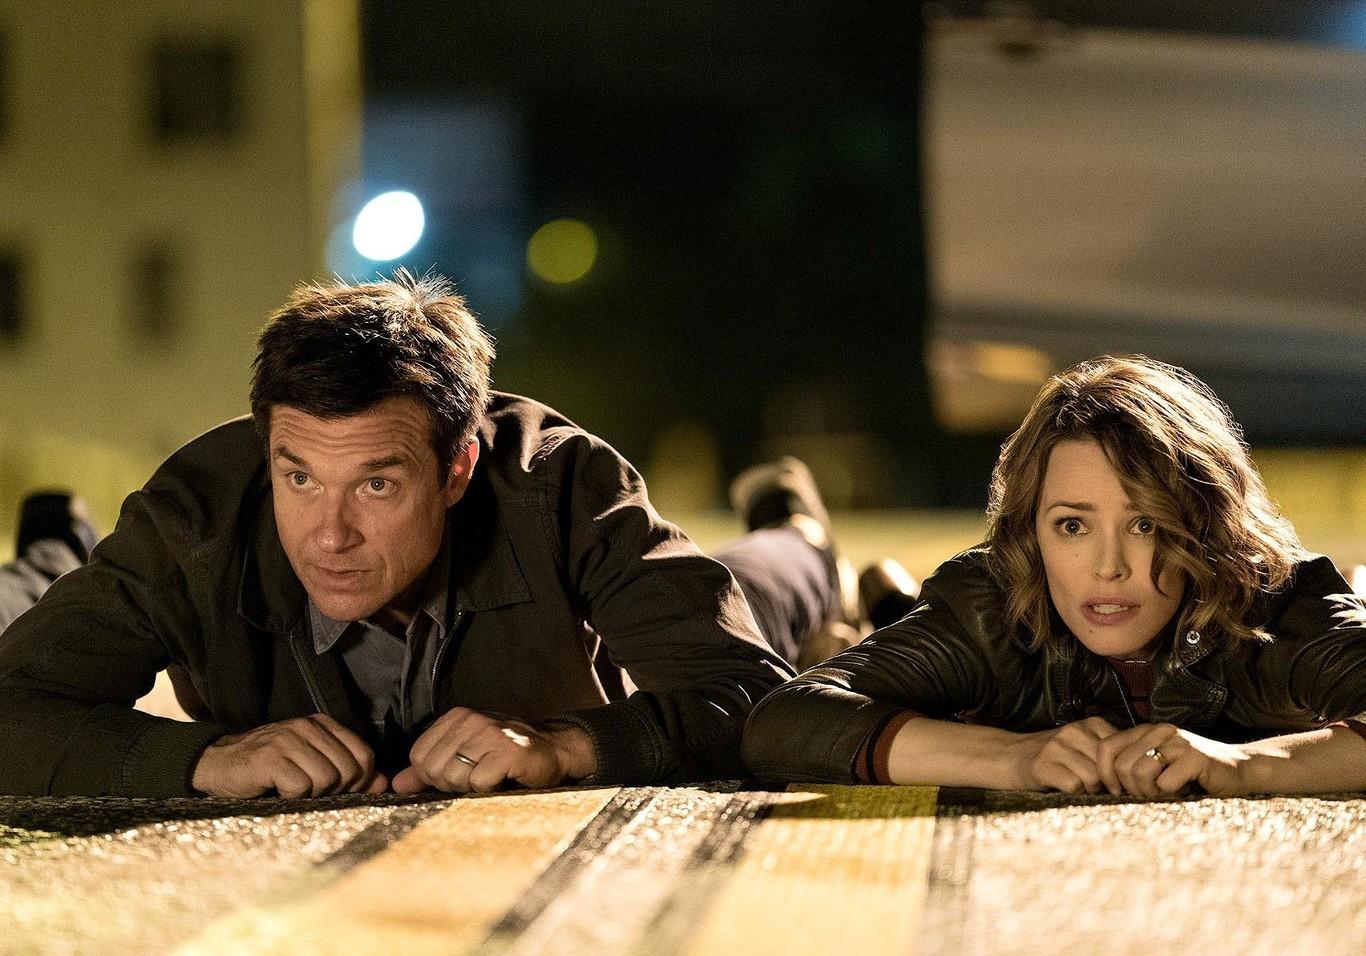 'Noche de juegos': Tráiler español de la nueva comedia con Rachel McAdams y Jason Bateman